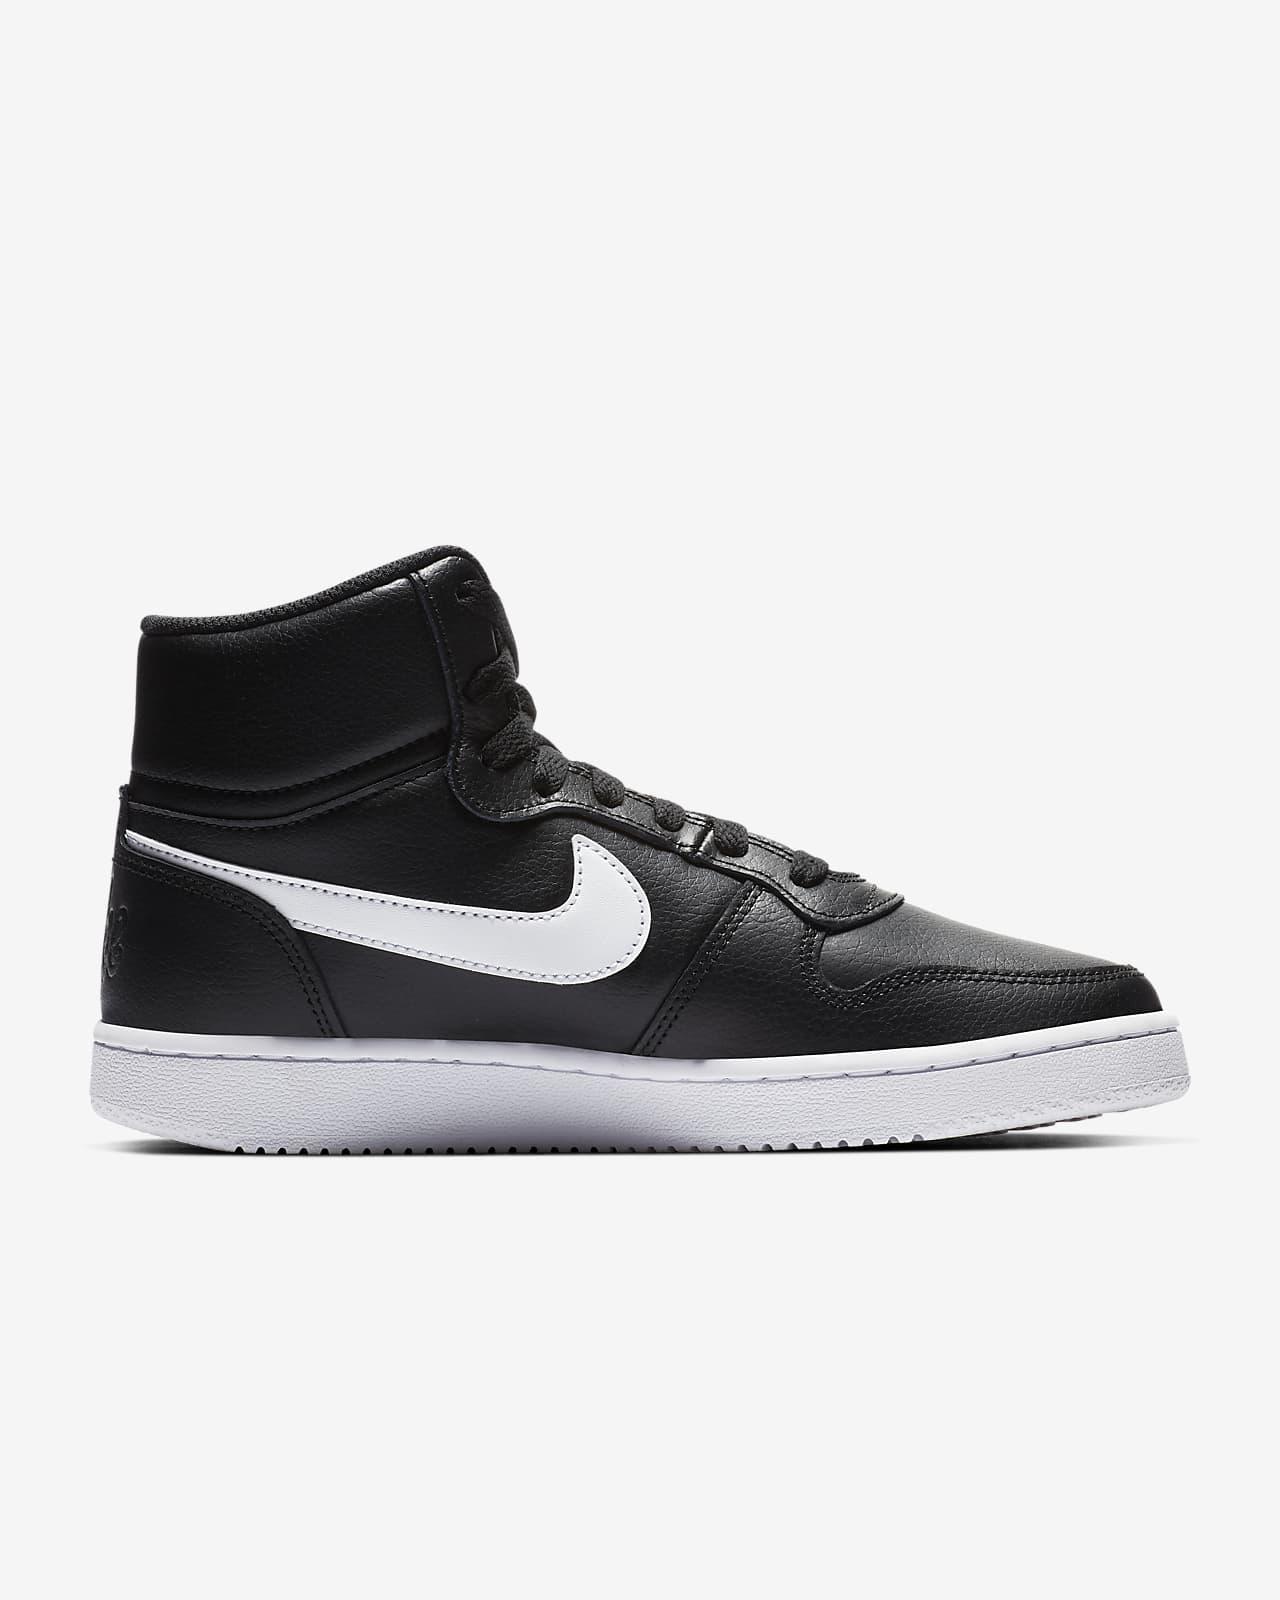 Nike Ebernon Mid Women's Shoe. Nike NL